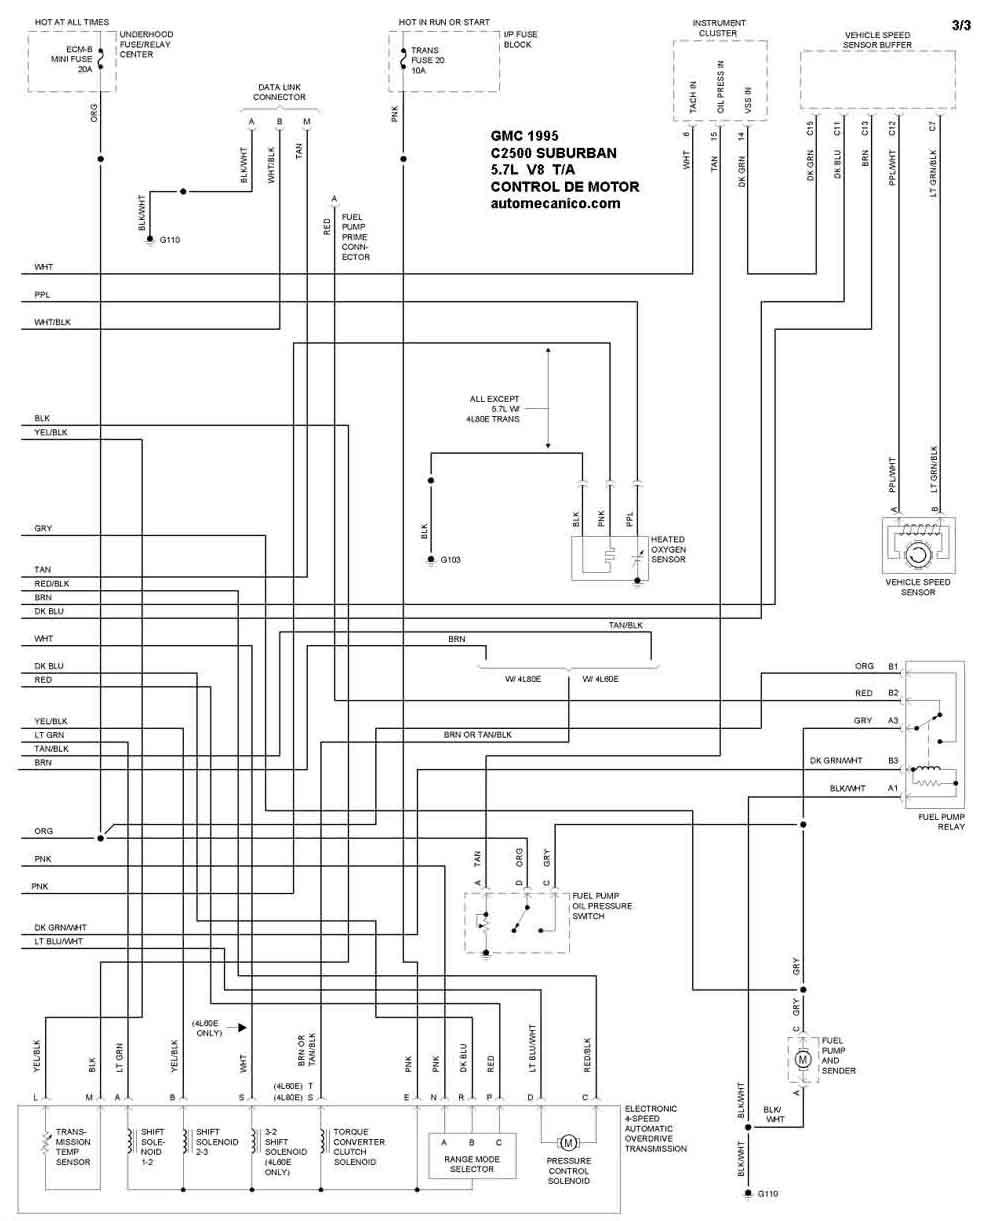 gmc 1995 - diagramas control del motor